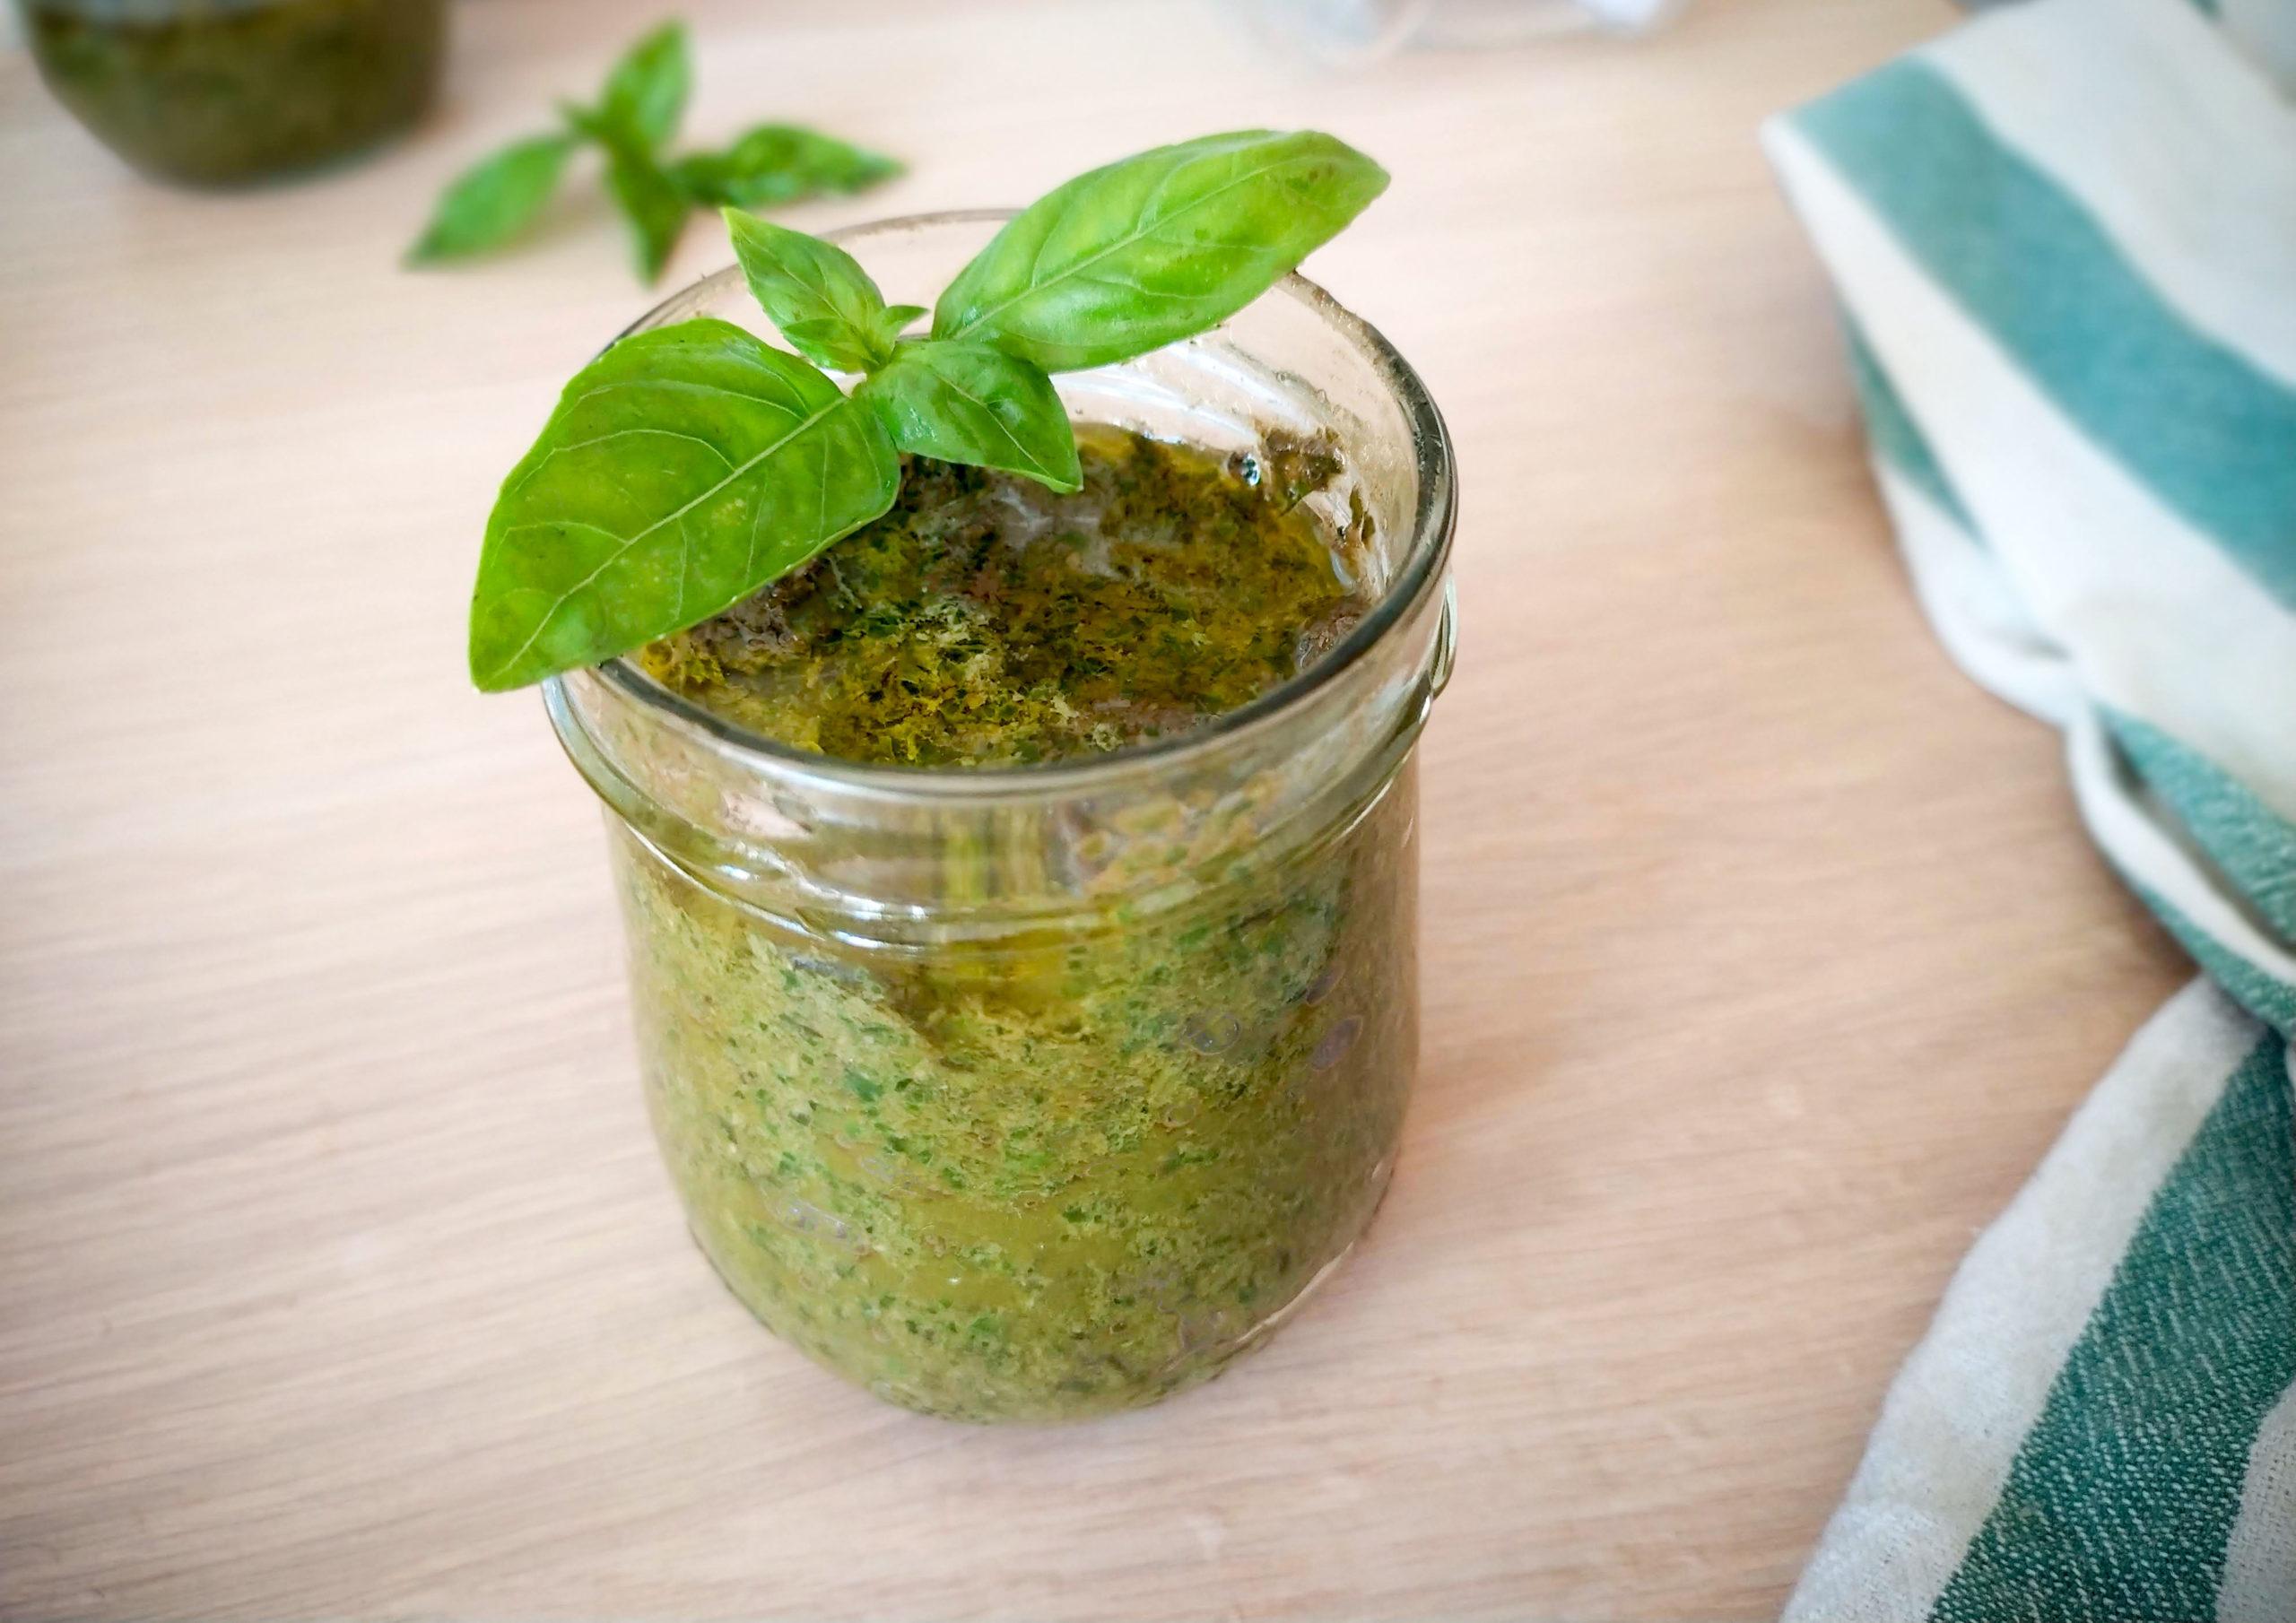 Basil Pesto alla genovese sauce